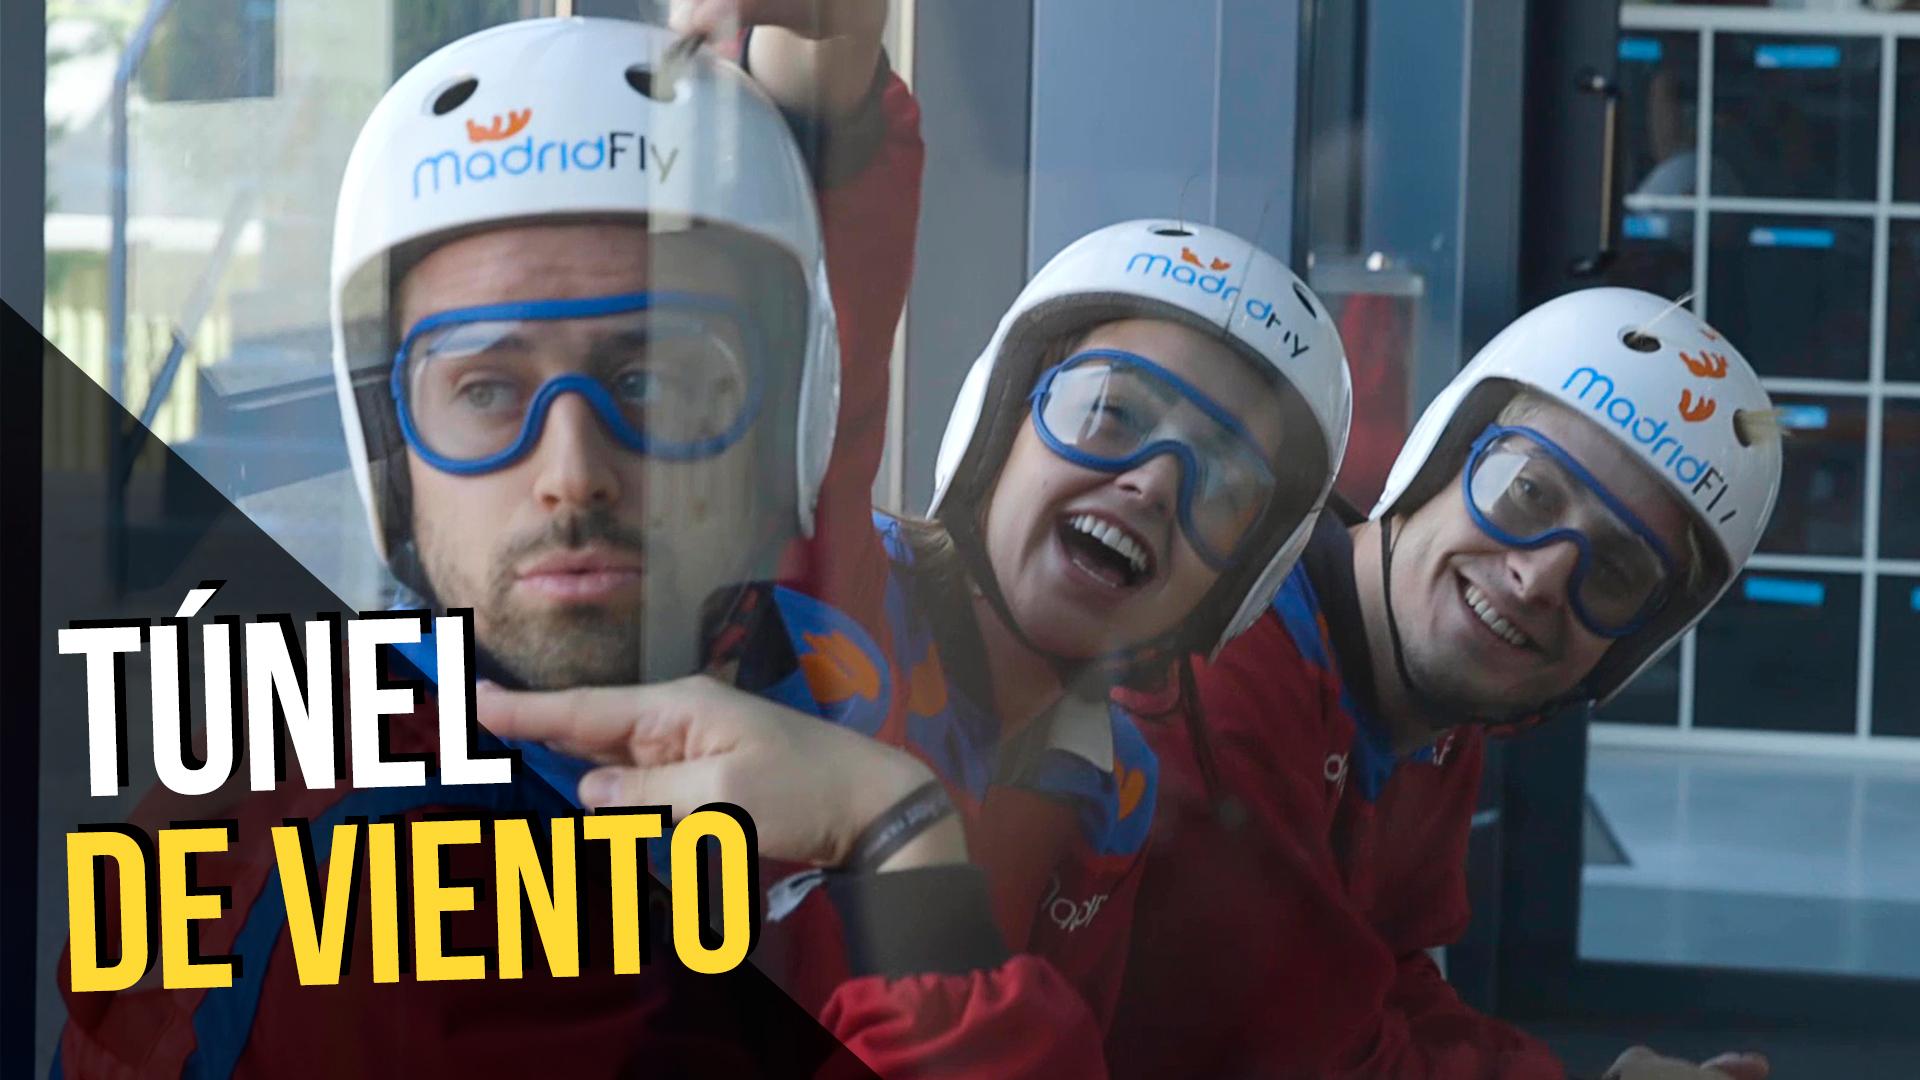 Temporada 1 Volamos en el túnel de viento de 'Madrid Fly'